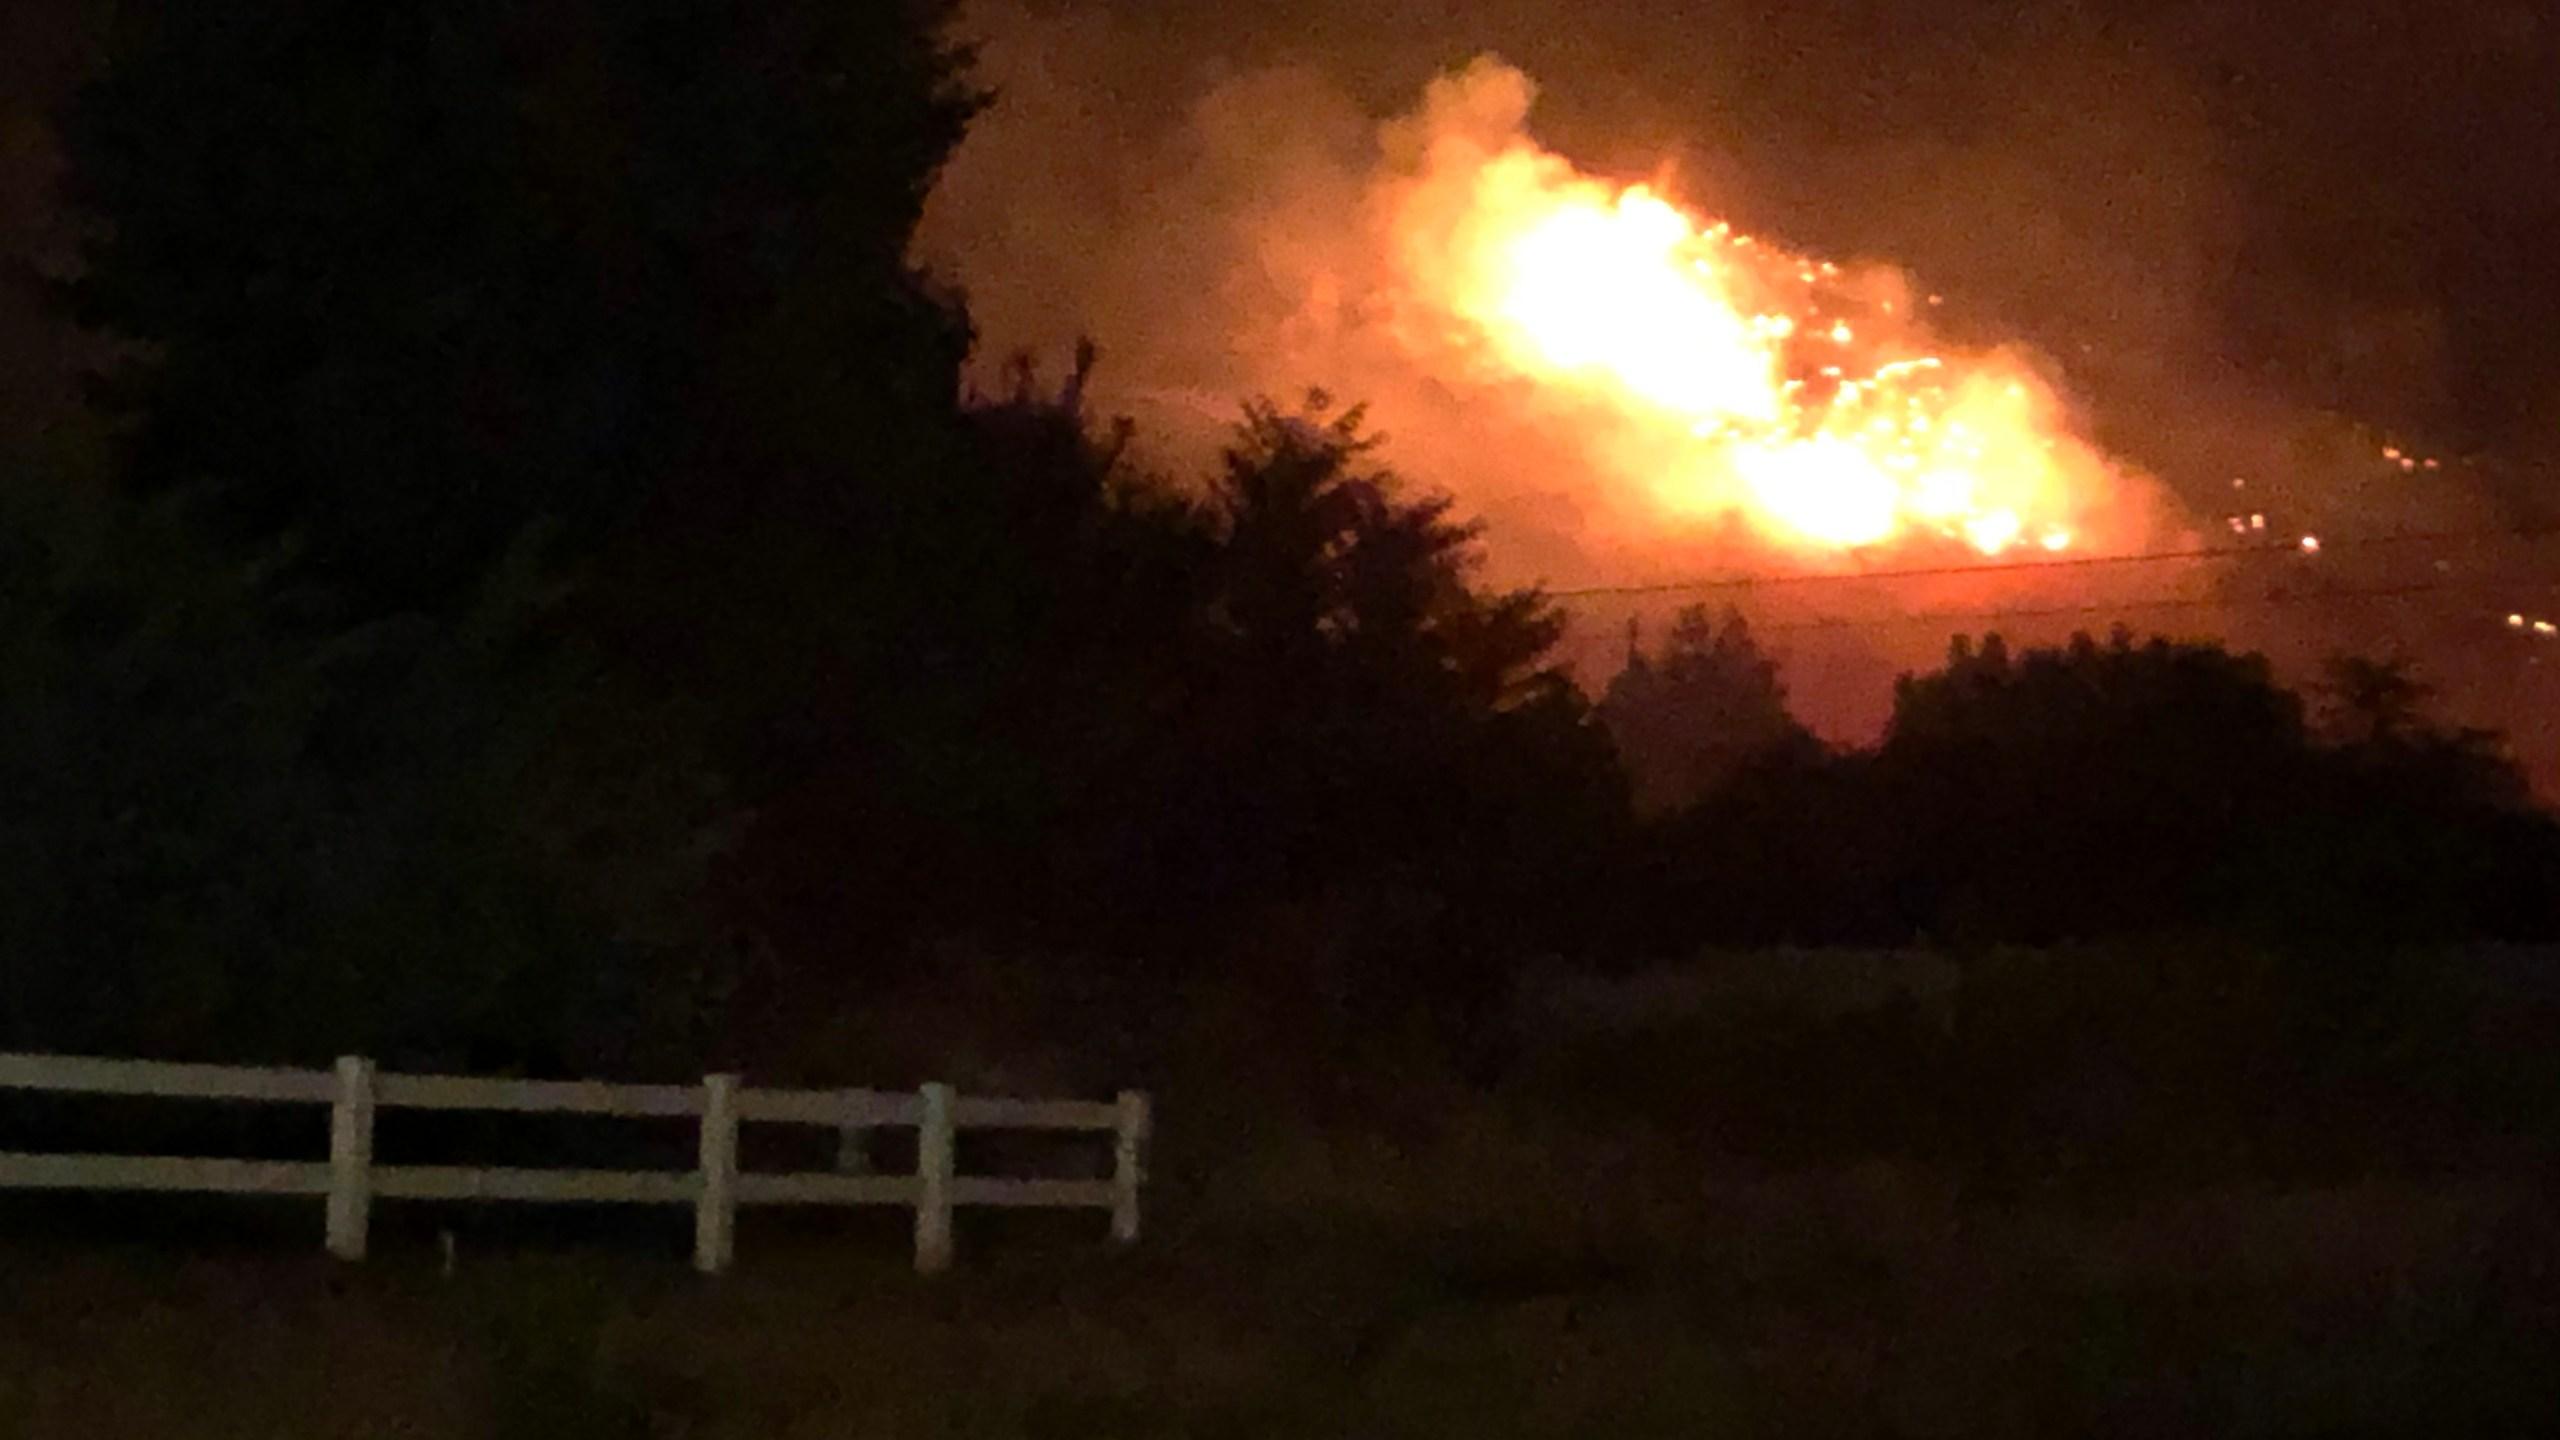 Battle Creek 2 Fire burning above Pleasant Grove, Utah, Saturday, September 12, 2020.